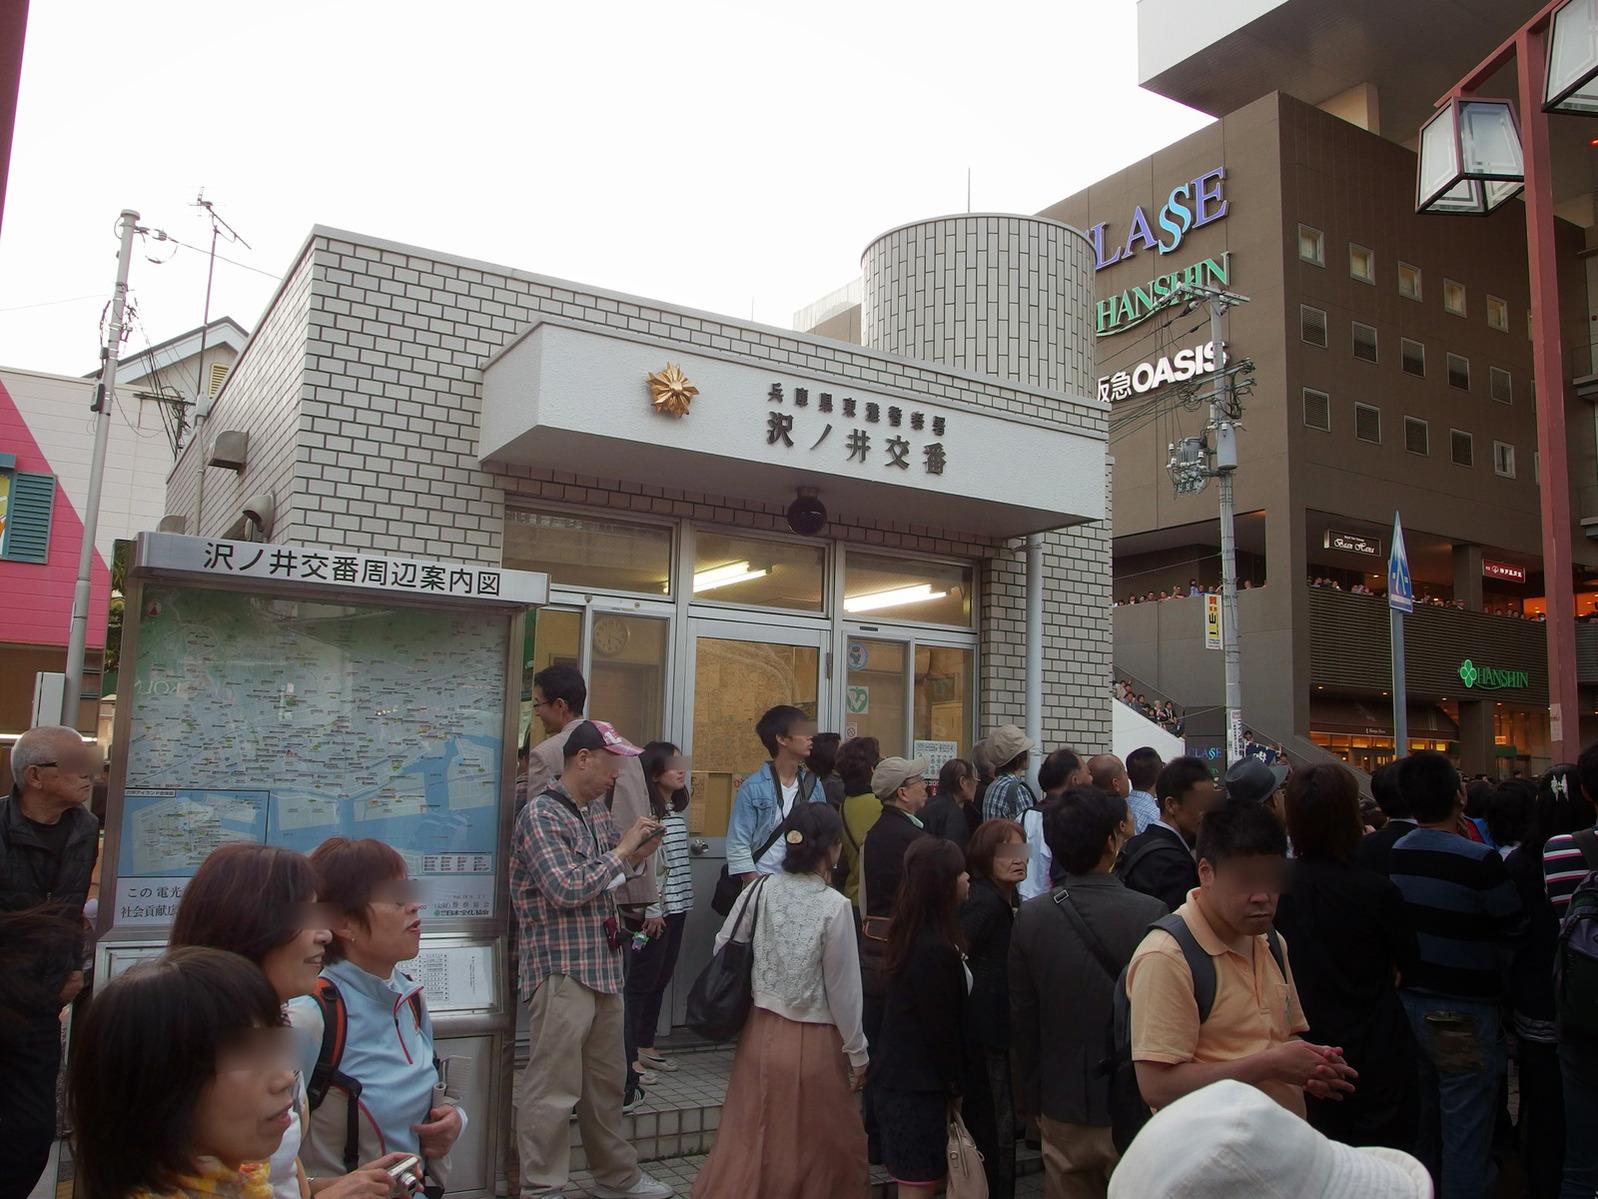 沢ノ井交番